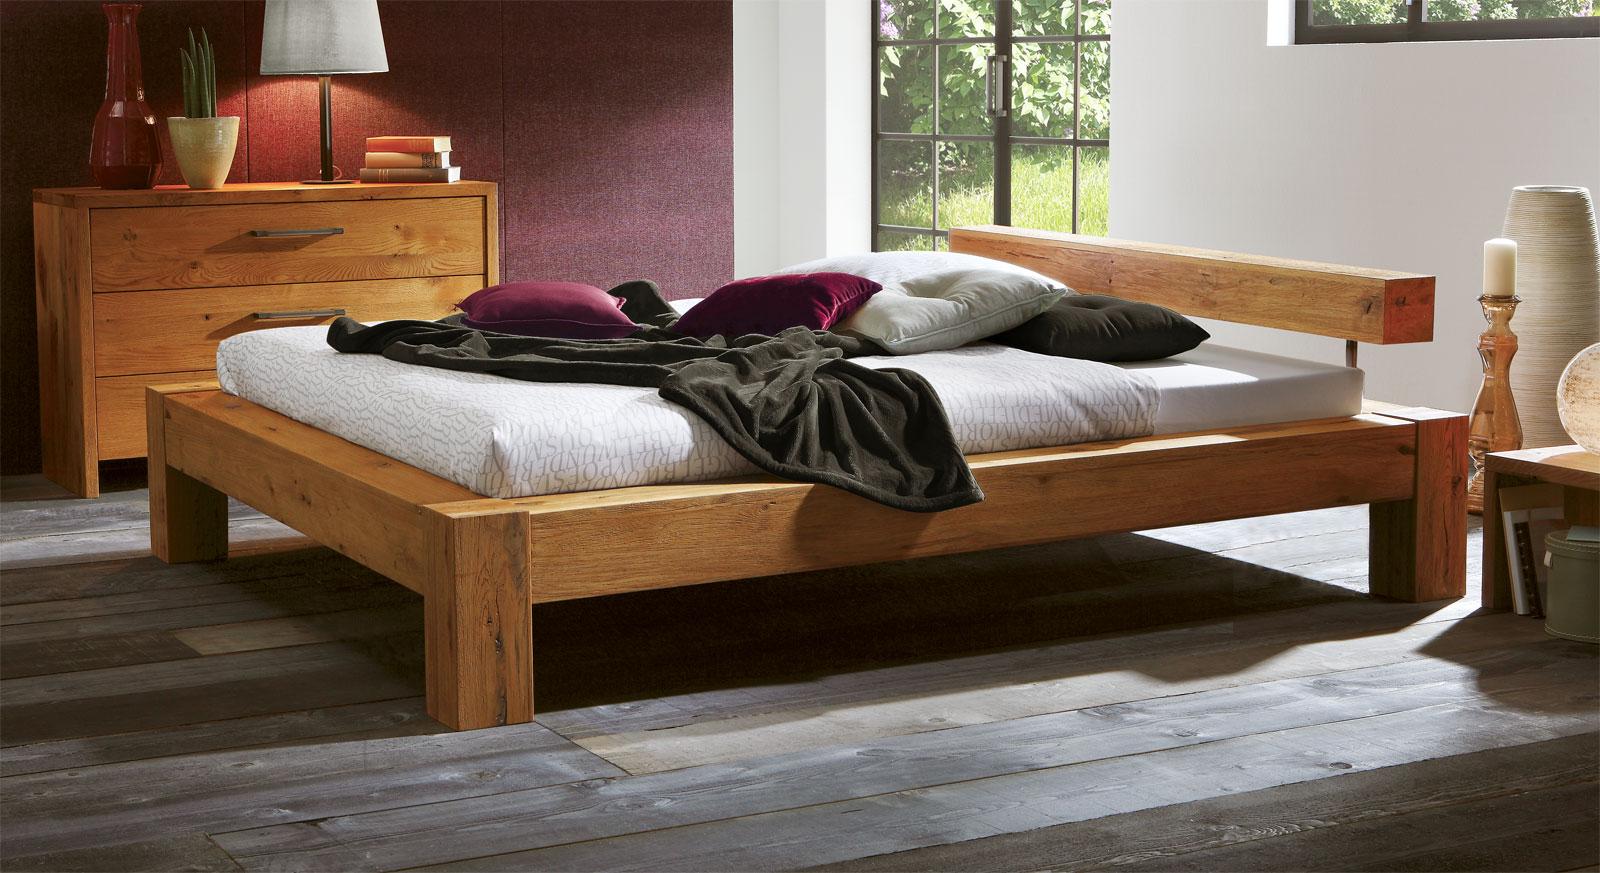 Möbel aus Wildeiche - Bett Rustico mit 20cm Fußhöhe